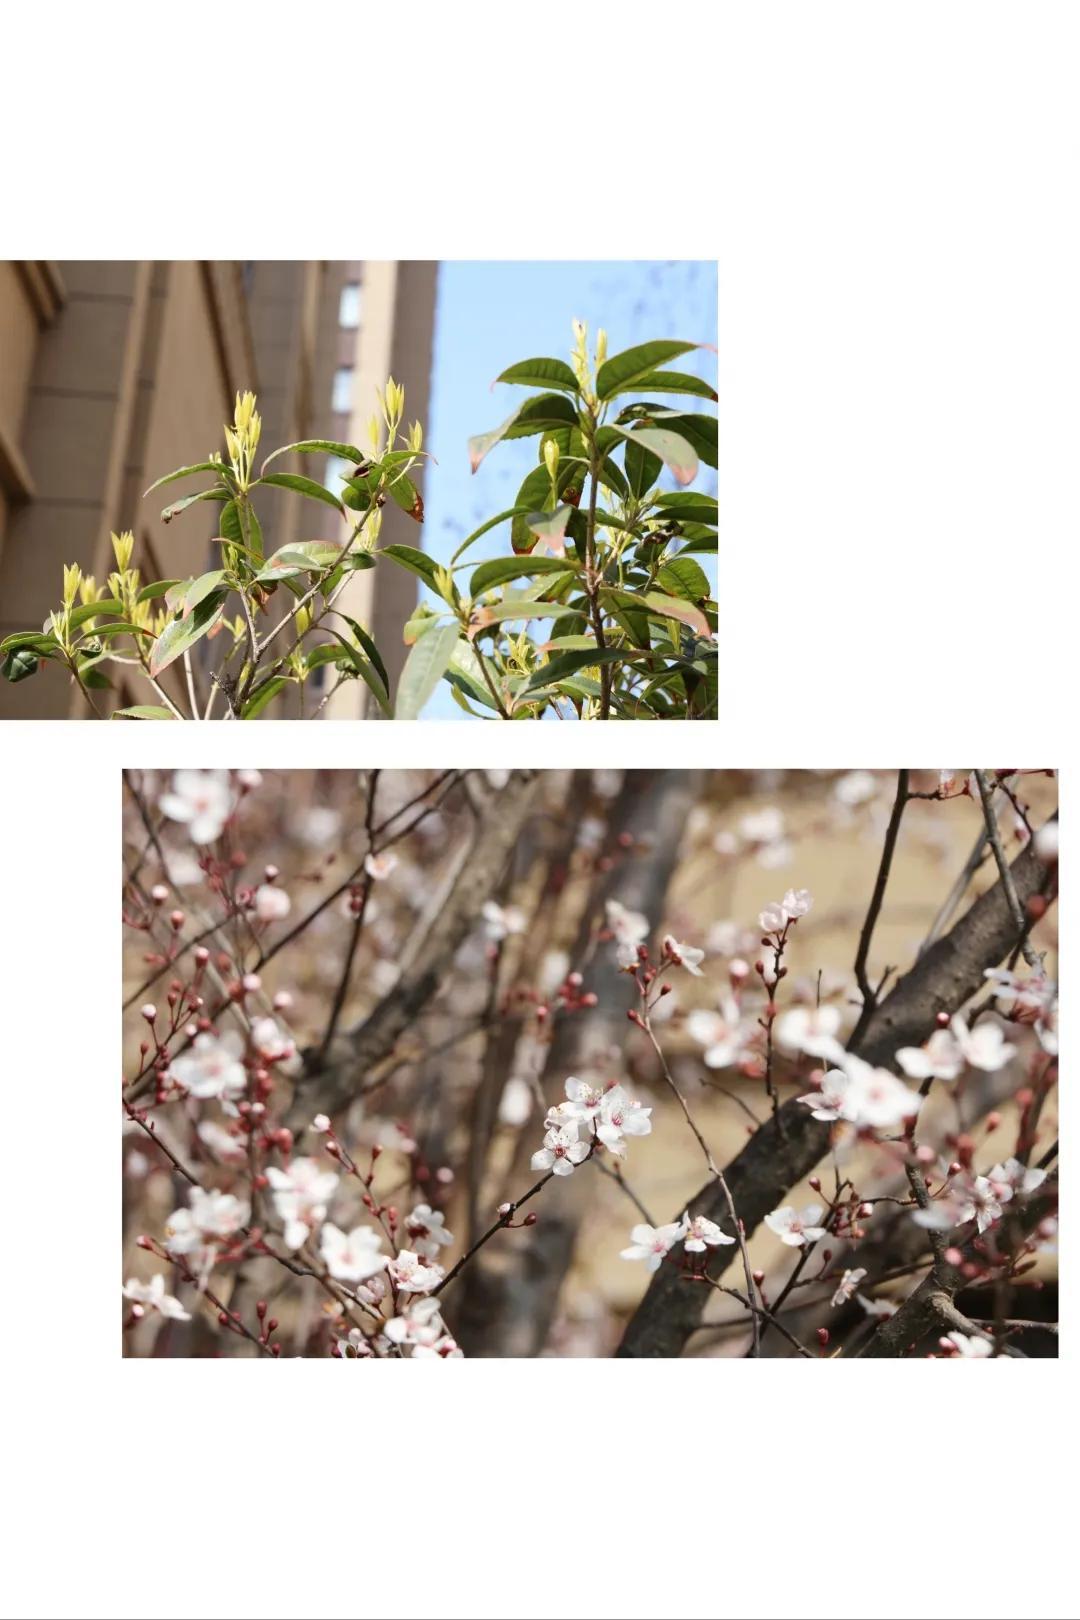 五龙新城汇爱幼稚园丨春暖花开,我们都在